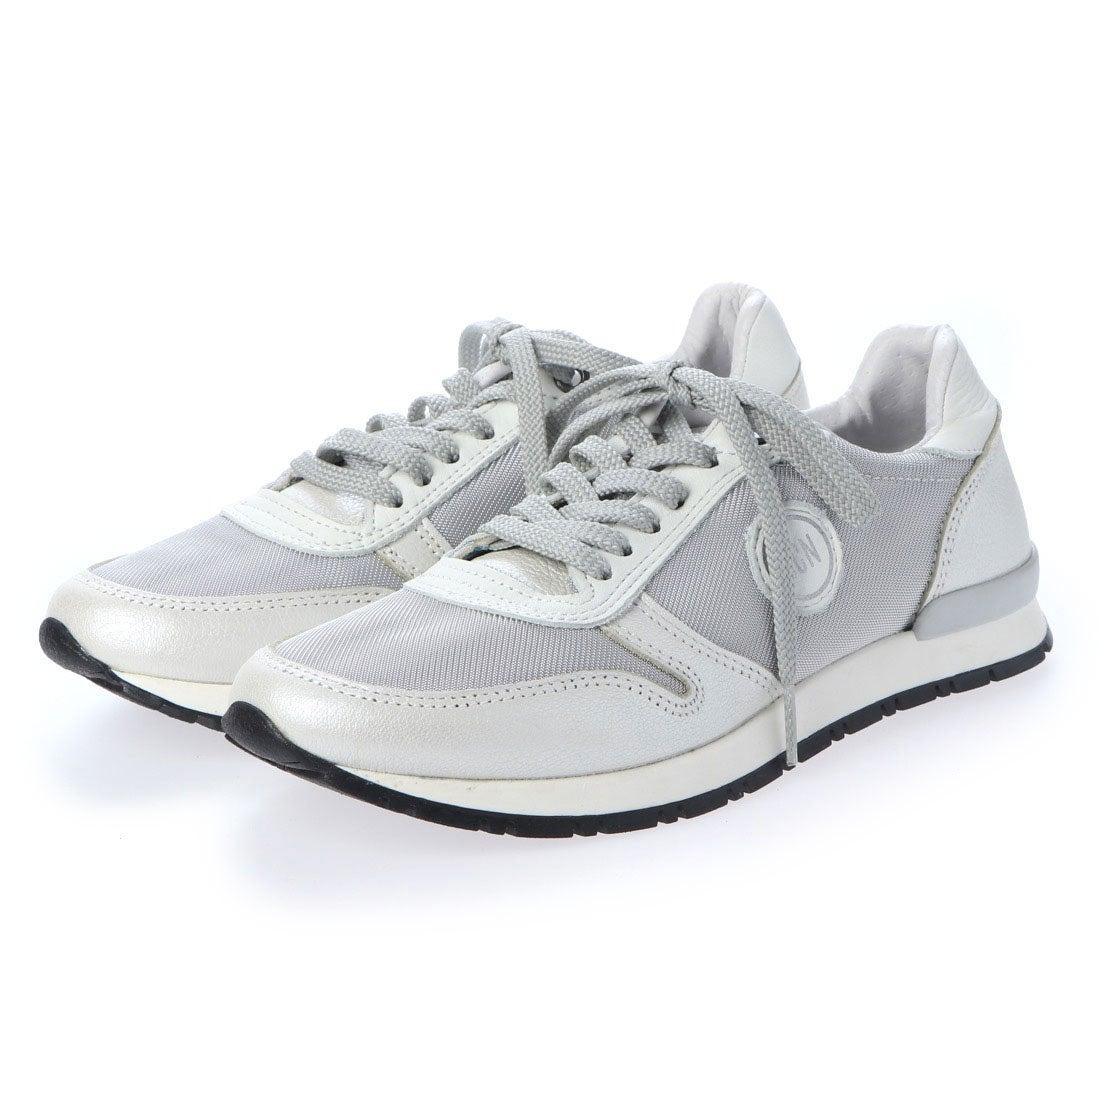 ヨーロッパコンフォートシューズ EU Comfort Shoes BCN スニーカー(C-950 SRA) (グレー/ホワイト)